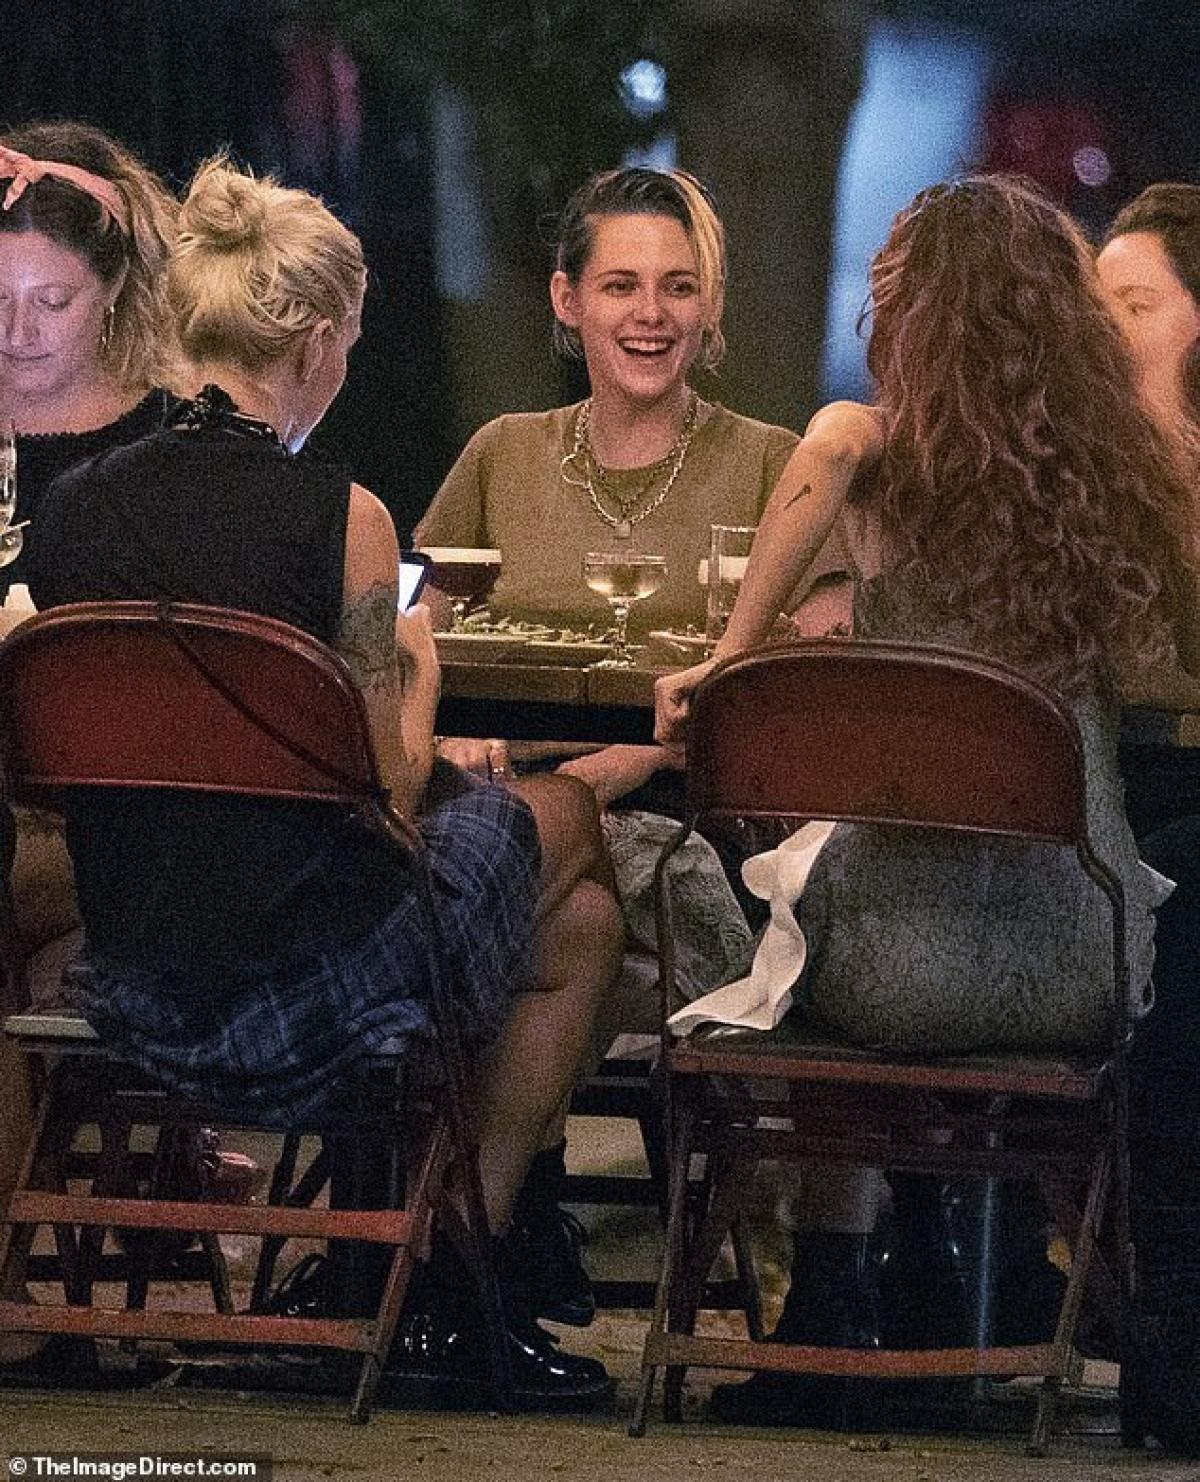 Bạn bè Kristen Stewart nói, cô đang rất hạnh phúc và nghiêm túc trong mối quan hệ này.